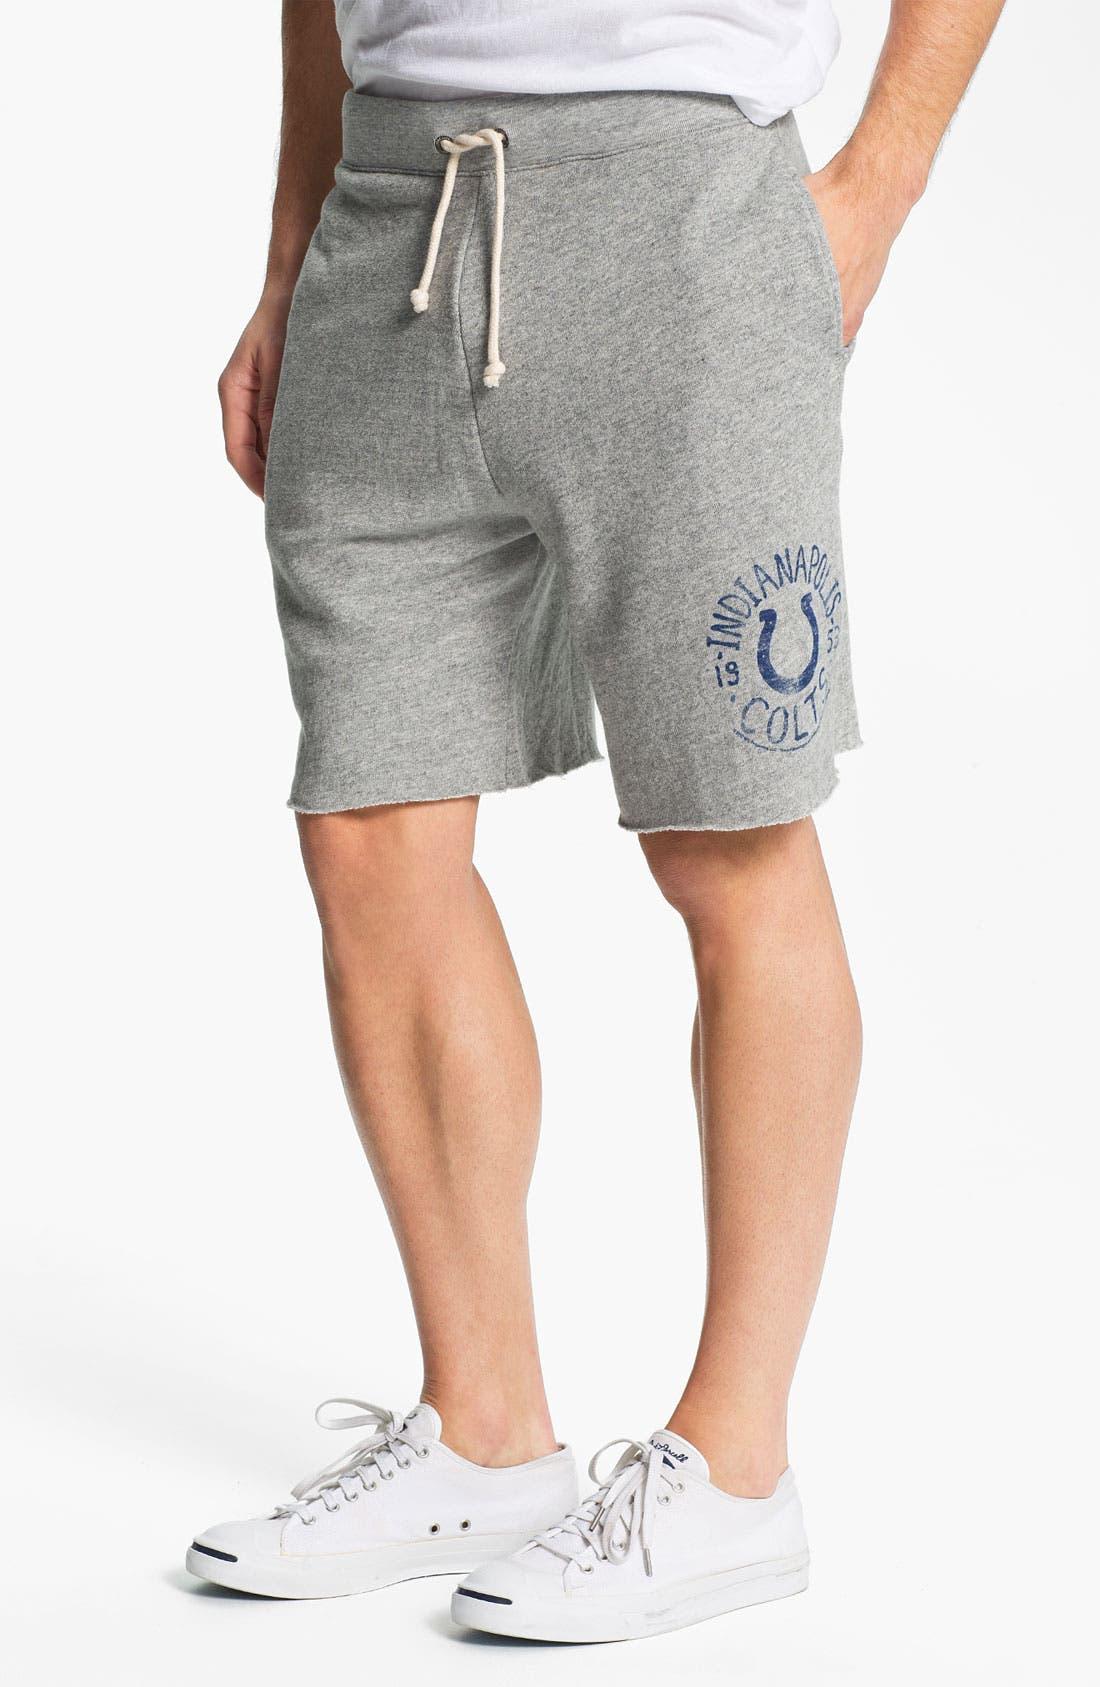 Main Image - Junk Food 'Indianapolis Colts' Athletic Shorts